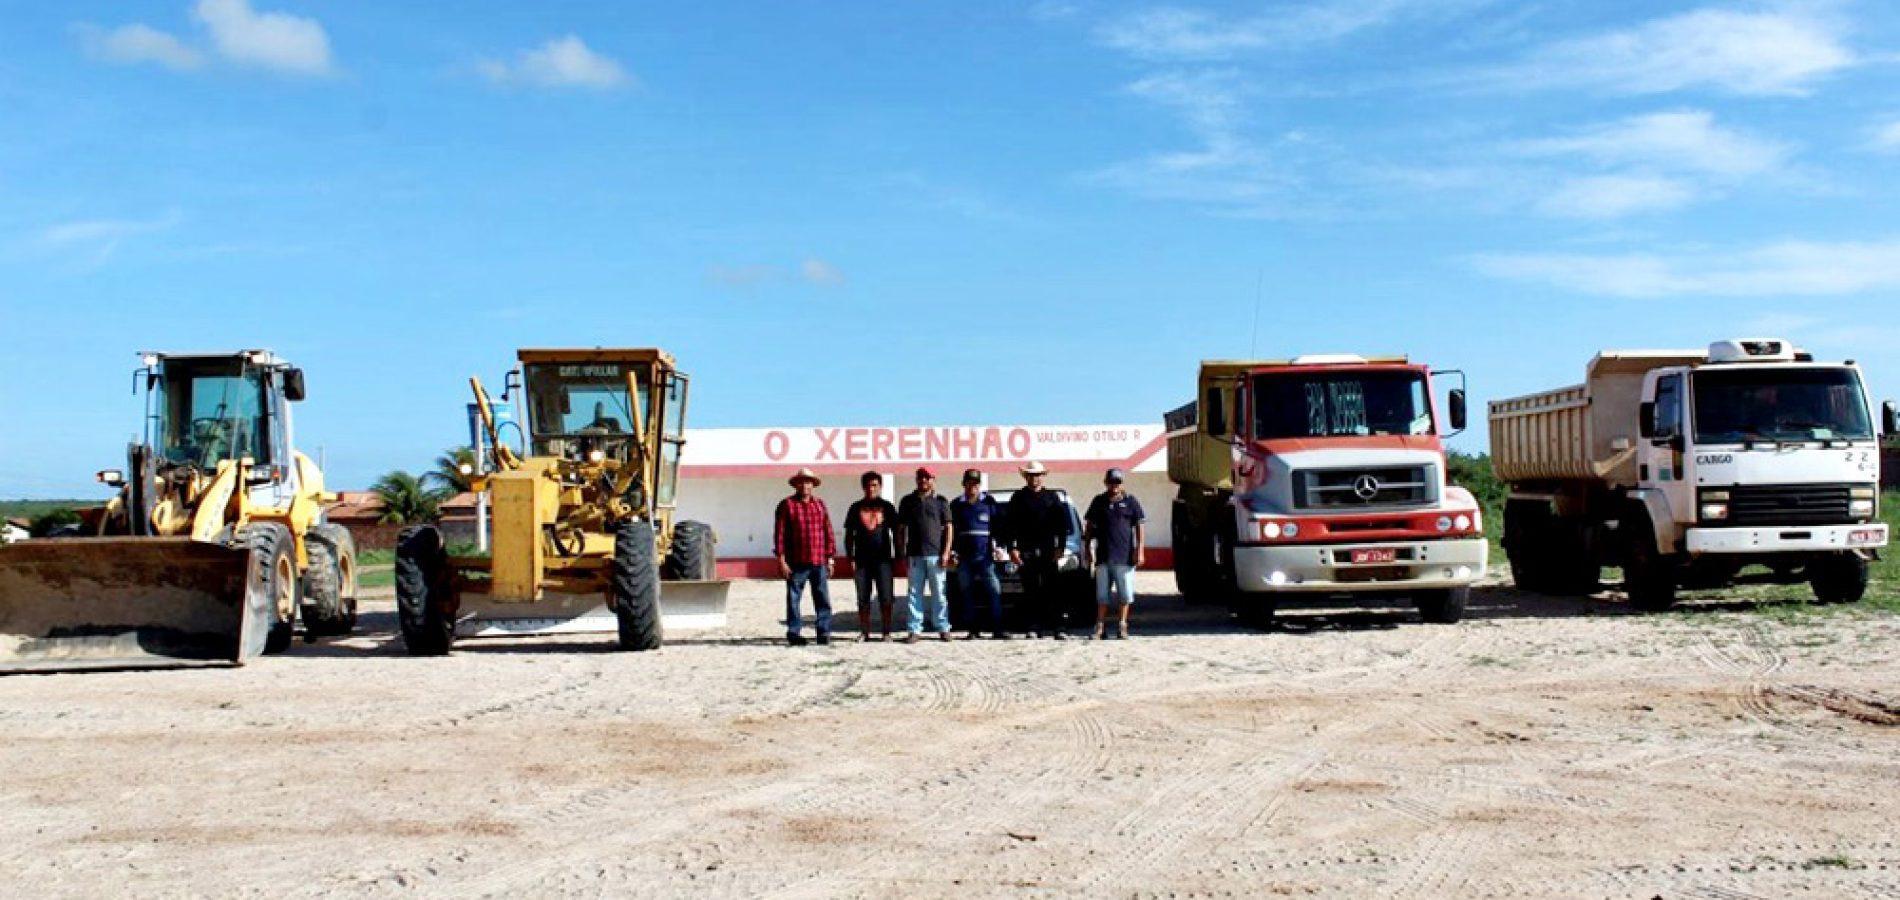 Prefeitura de Alegrete do Piauí inicia construção de Estádio 'O Xerenhão'